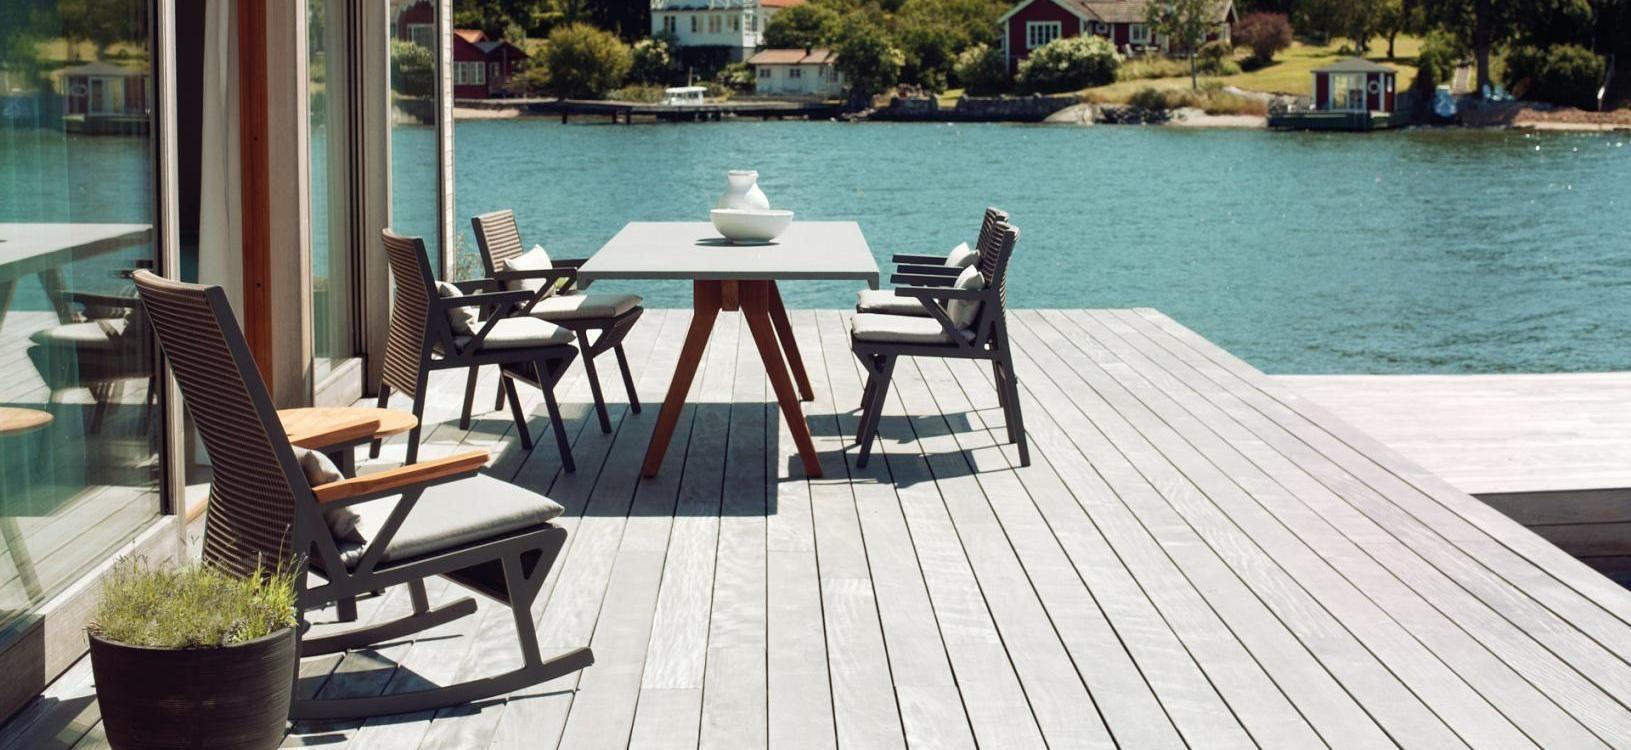 SANTOS kitchen   Outdoor furniture by Kettal   Outdoor Design ...